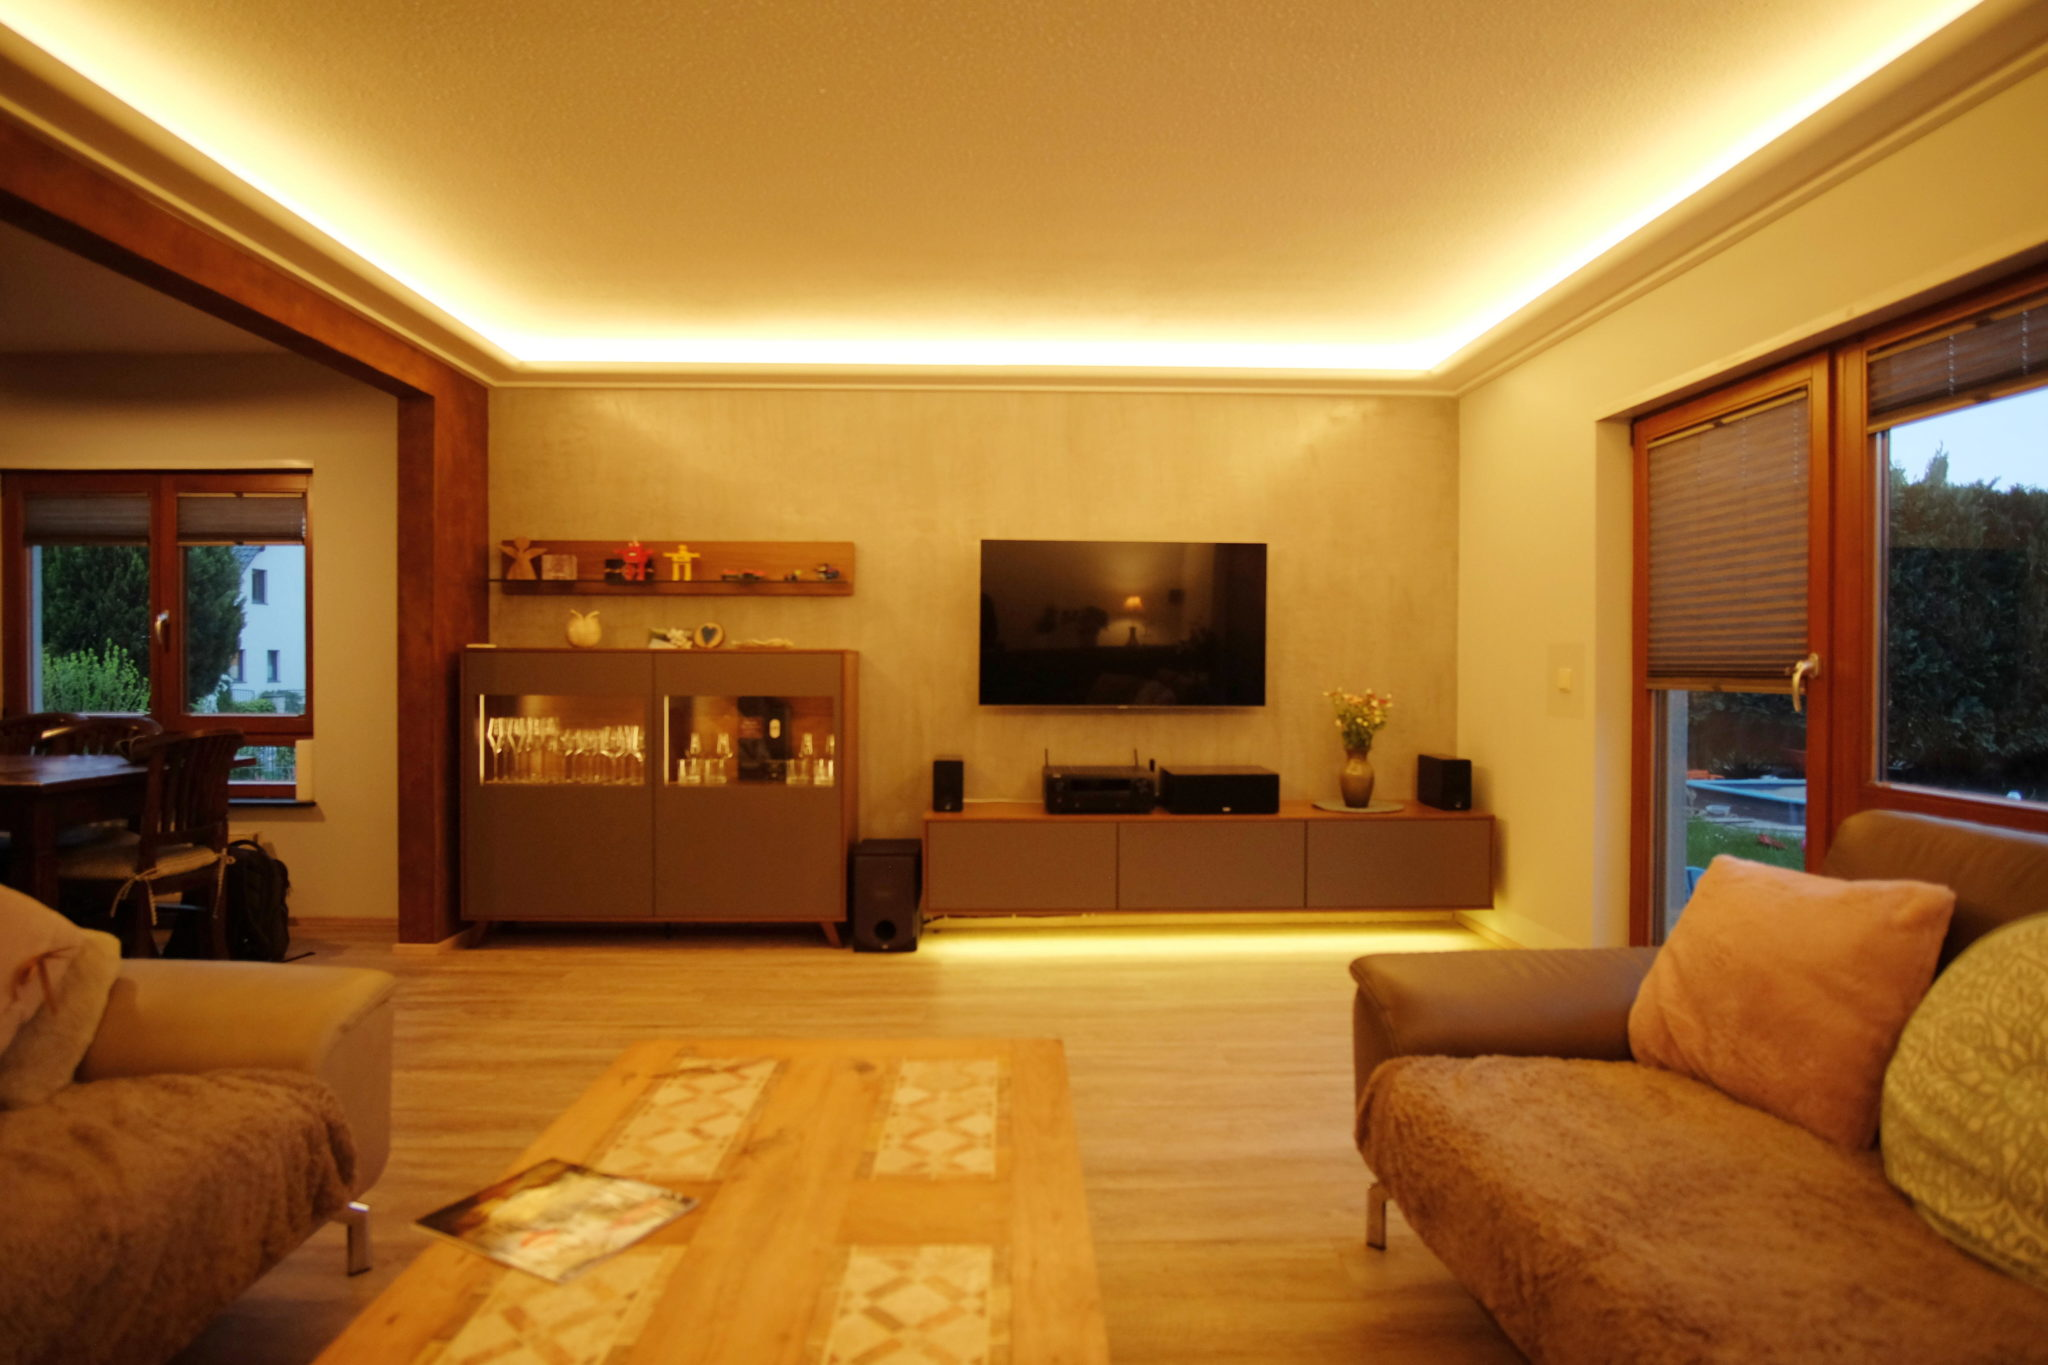 Lichtvoute warmweiß mit LED